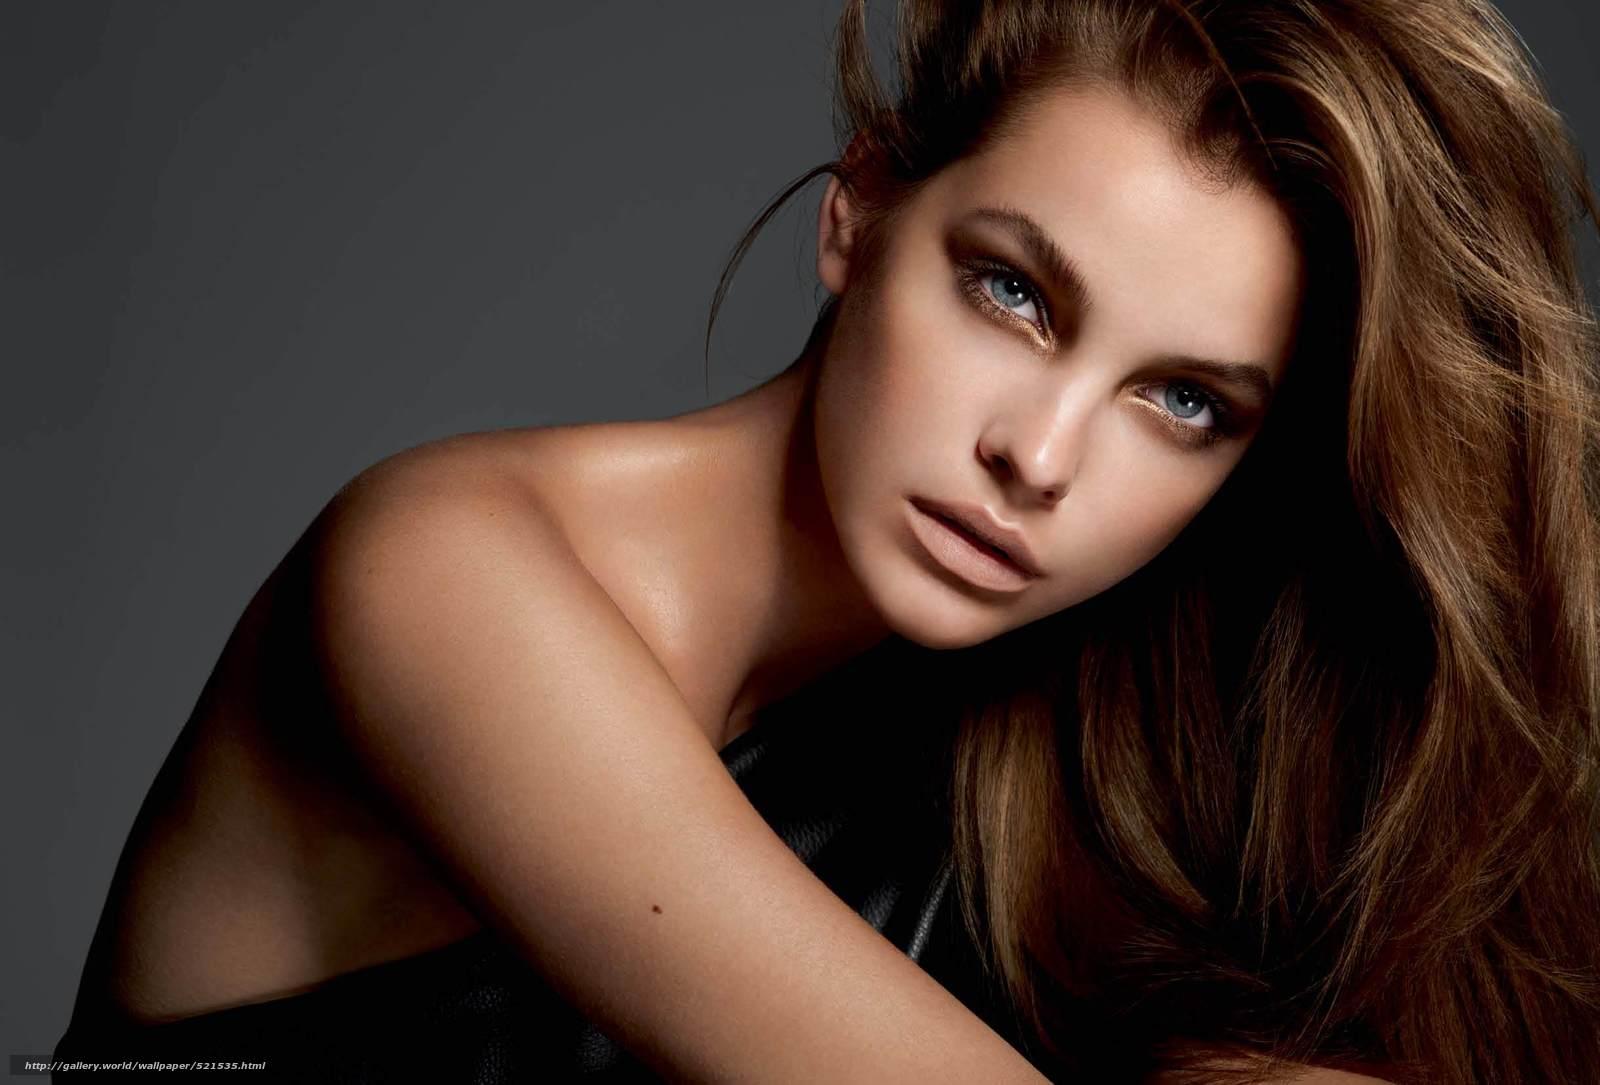 Фотографии девушек моделей 4 фотография